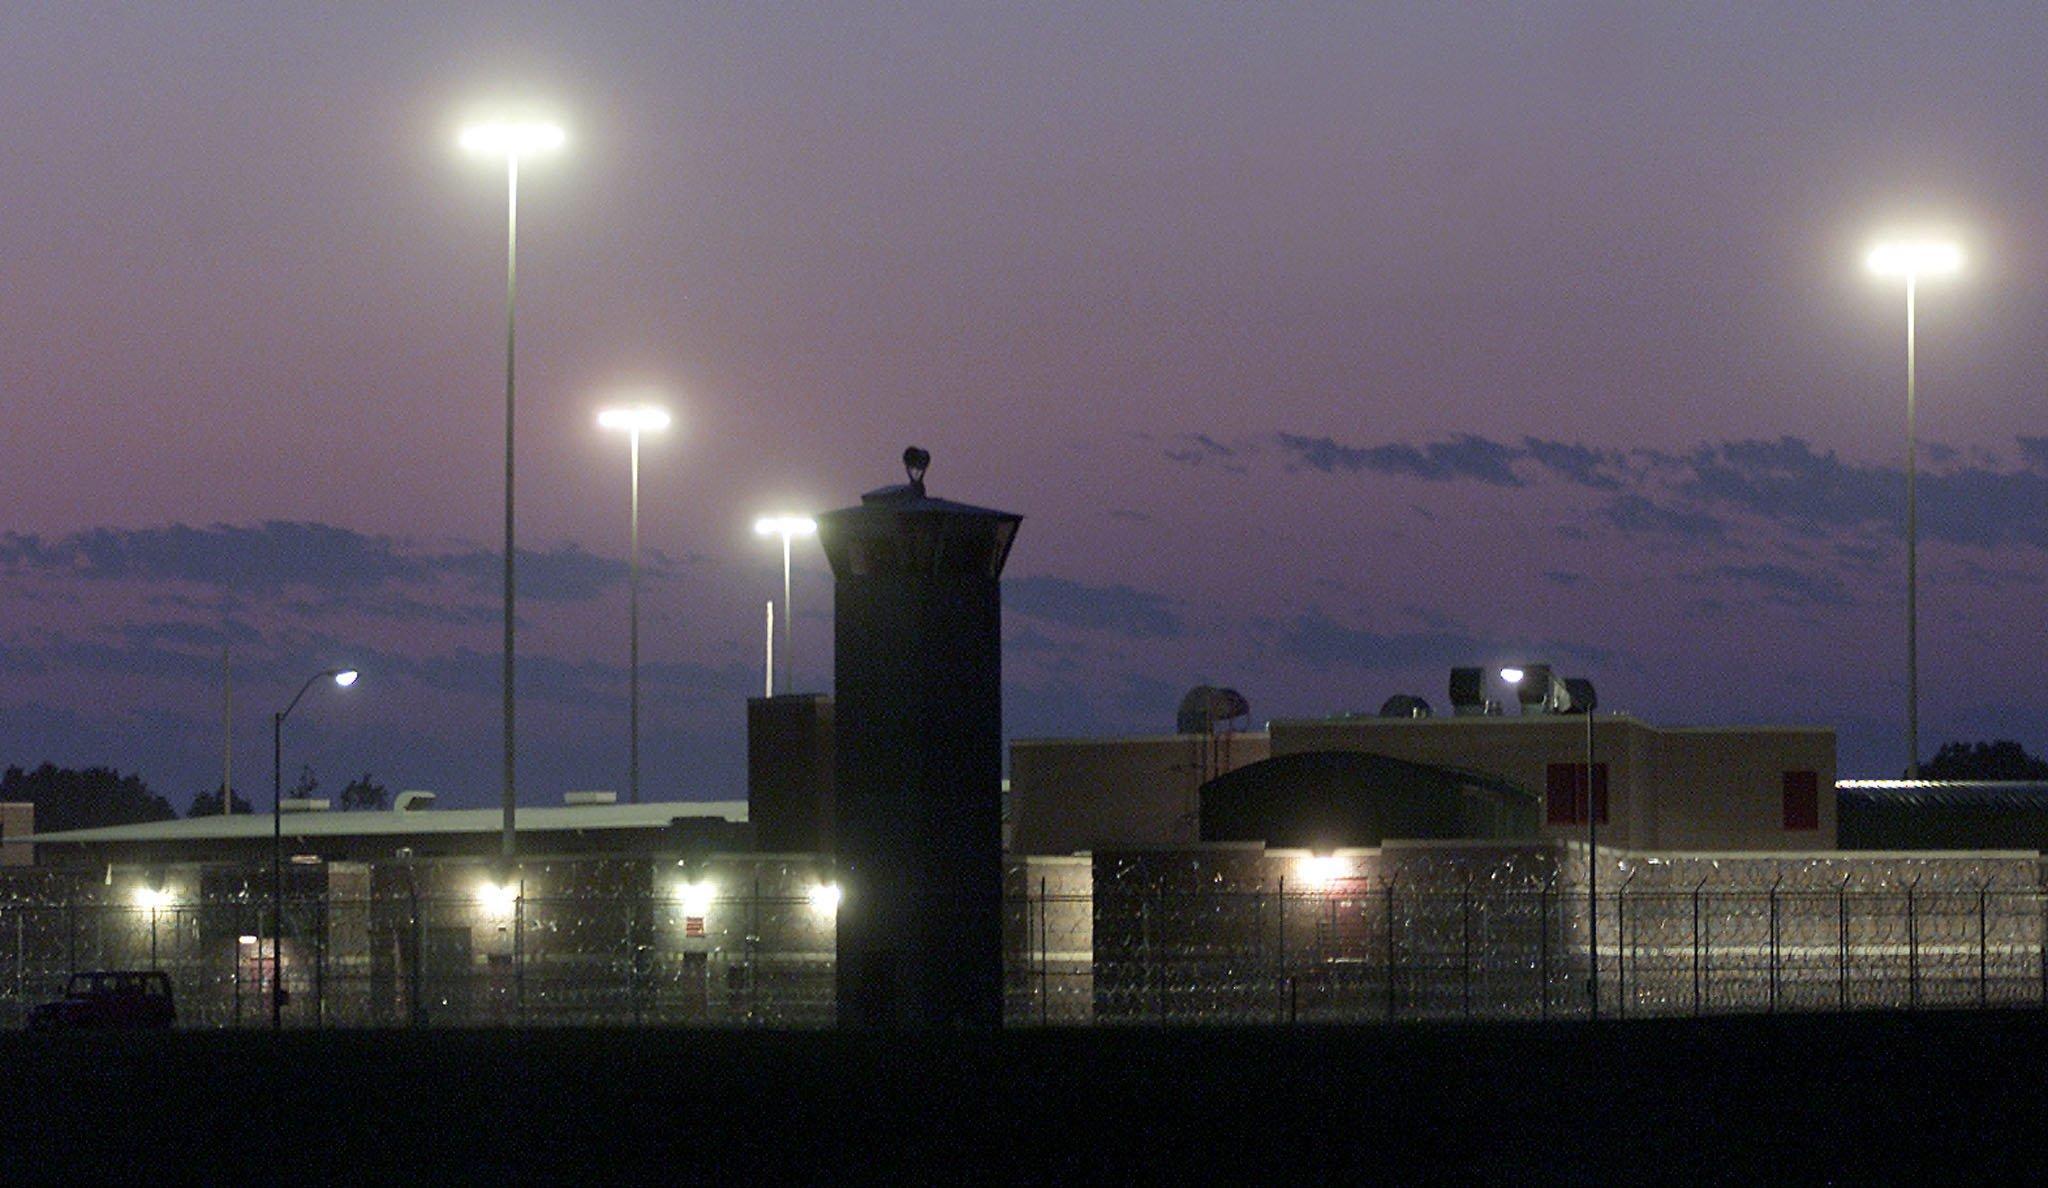 Điểm qua 10 nhà tù kiên cố nhất thế giới - Ảnh 6.